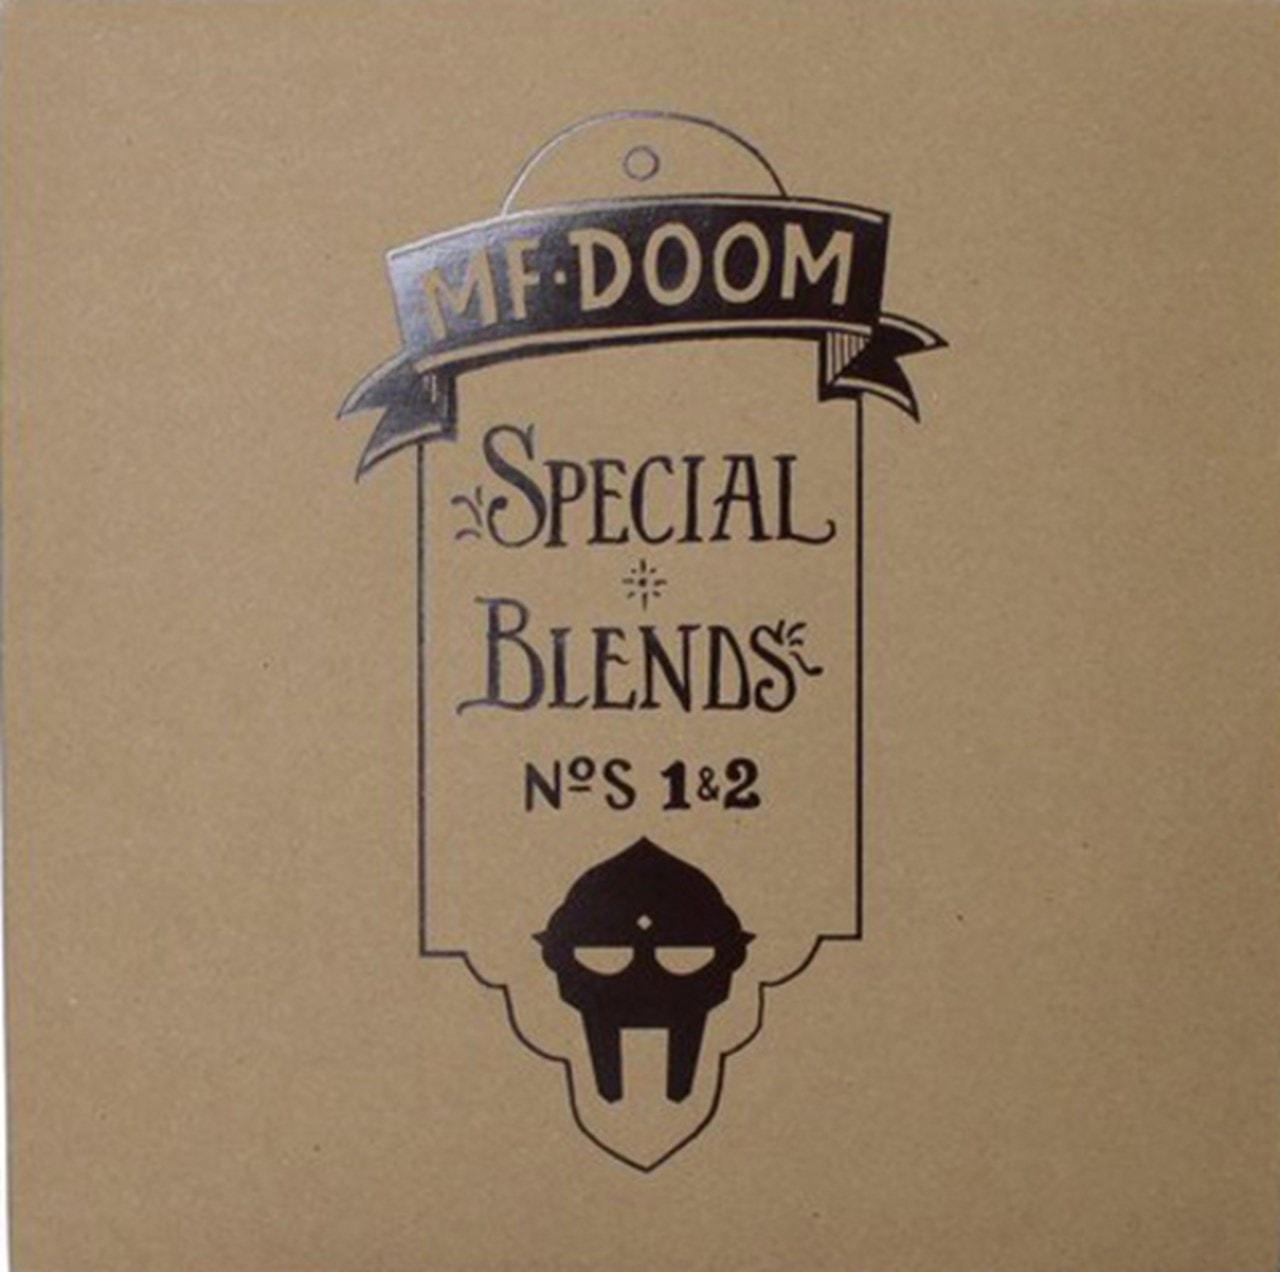 Special Blends - Volume 1 & 2 - 1